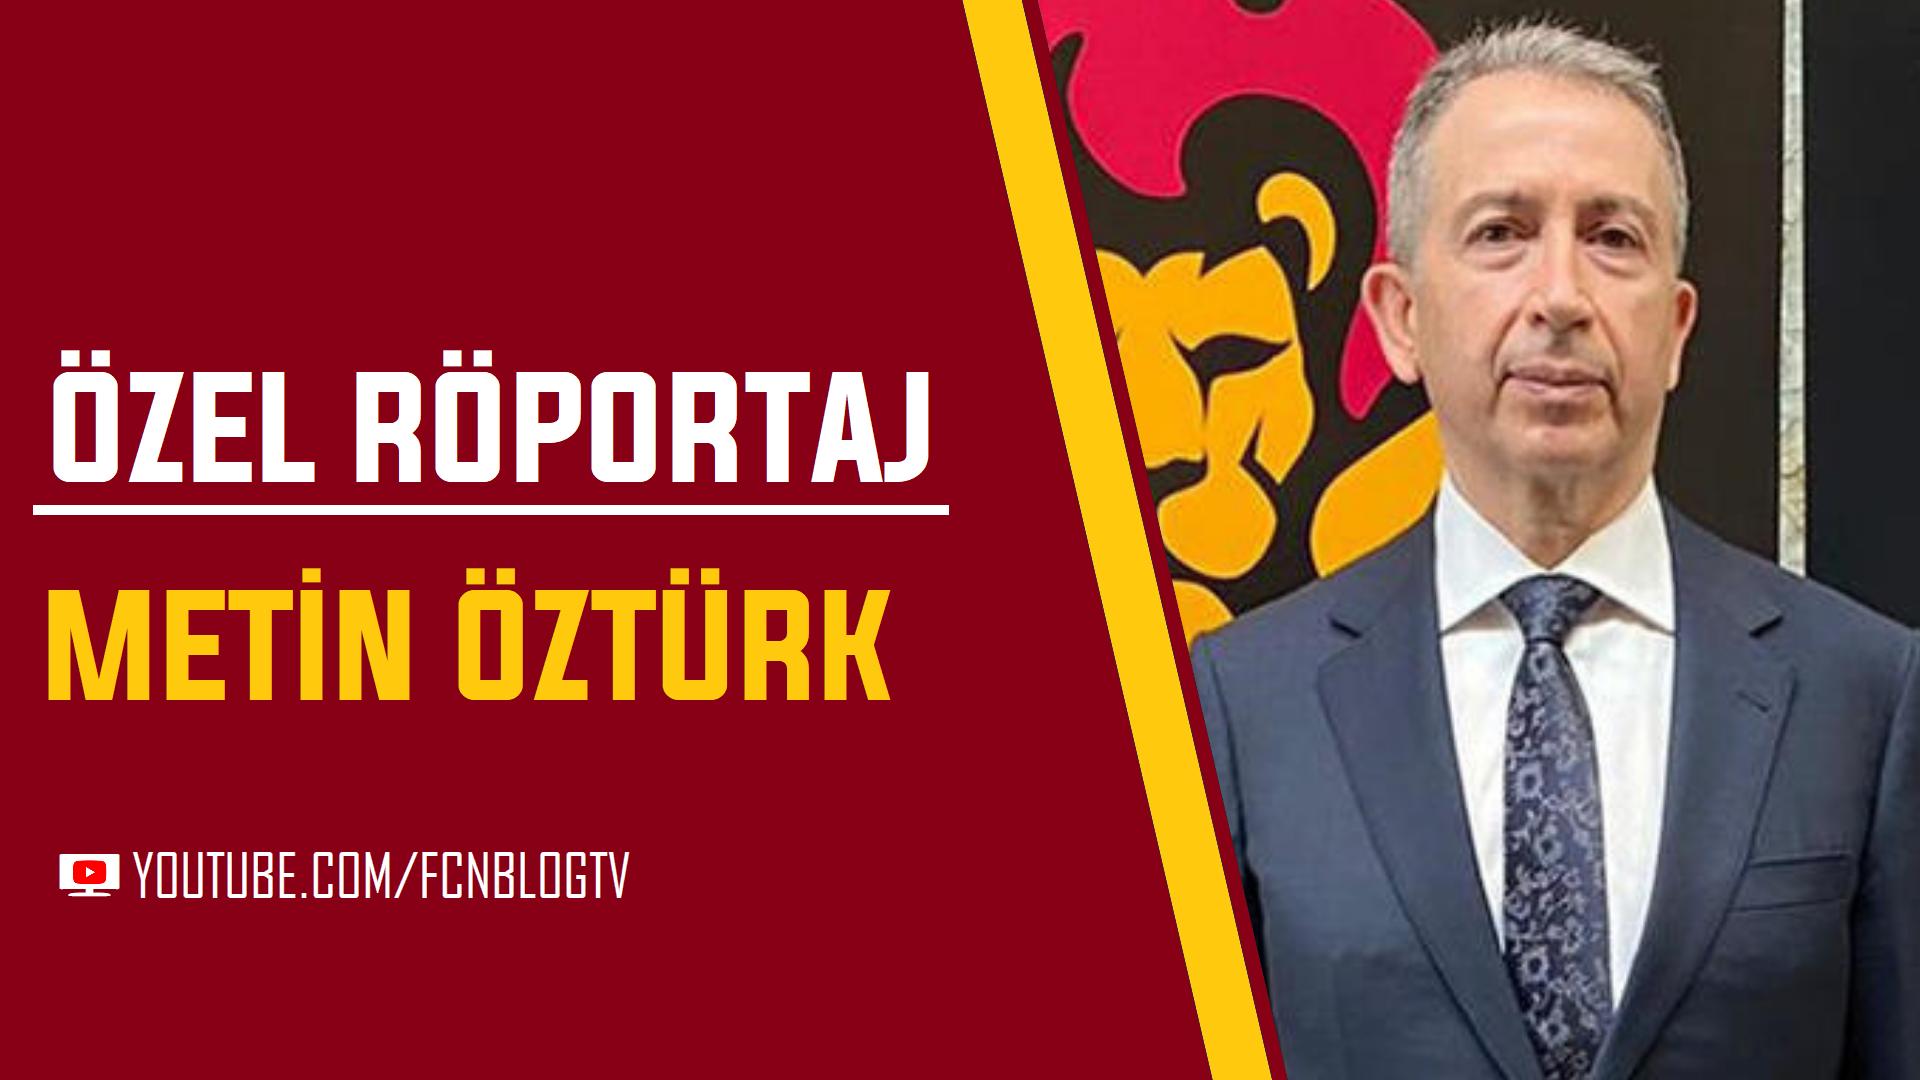 ÖZEL RÖPORTAJ | Metin Öztürk: Galatasaray'a yakışacak bir ekiple geliyoruz!